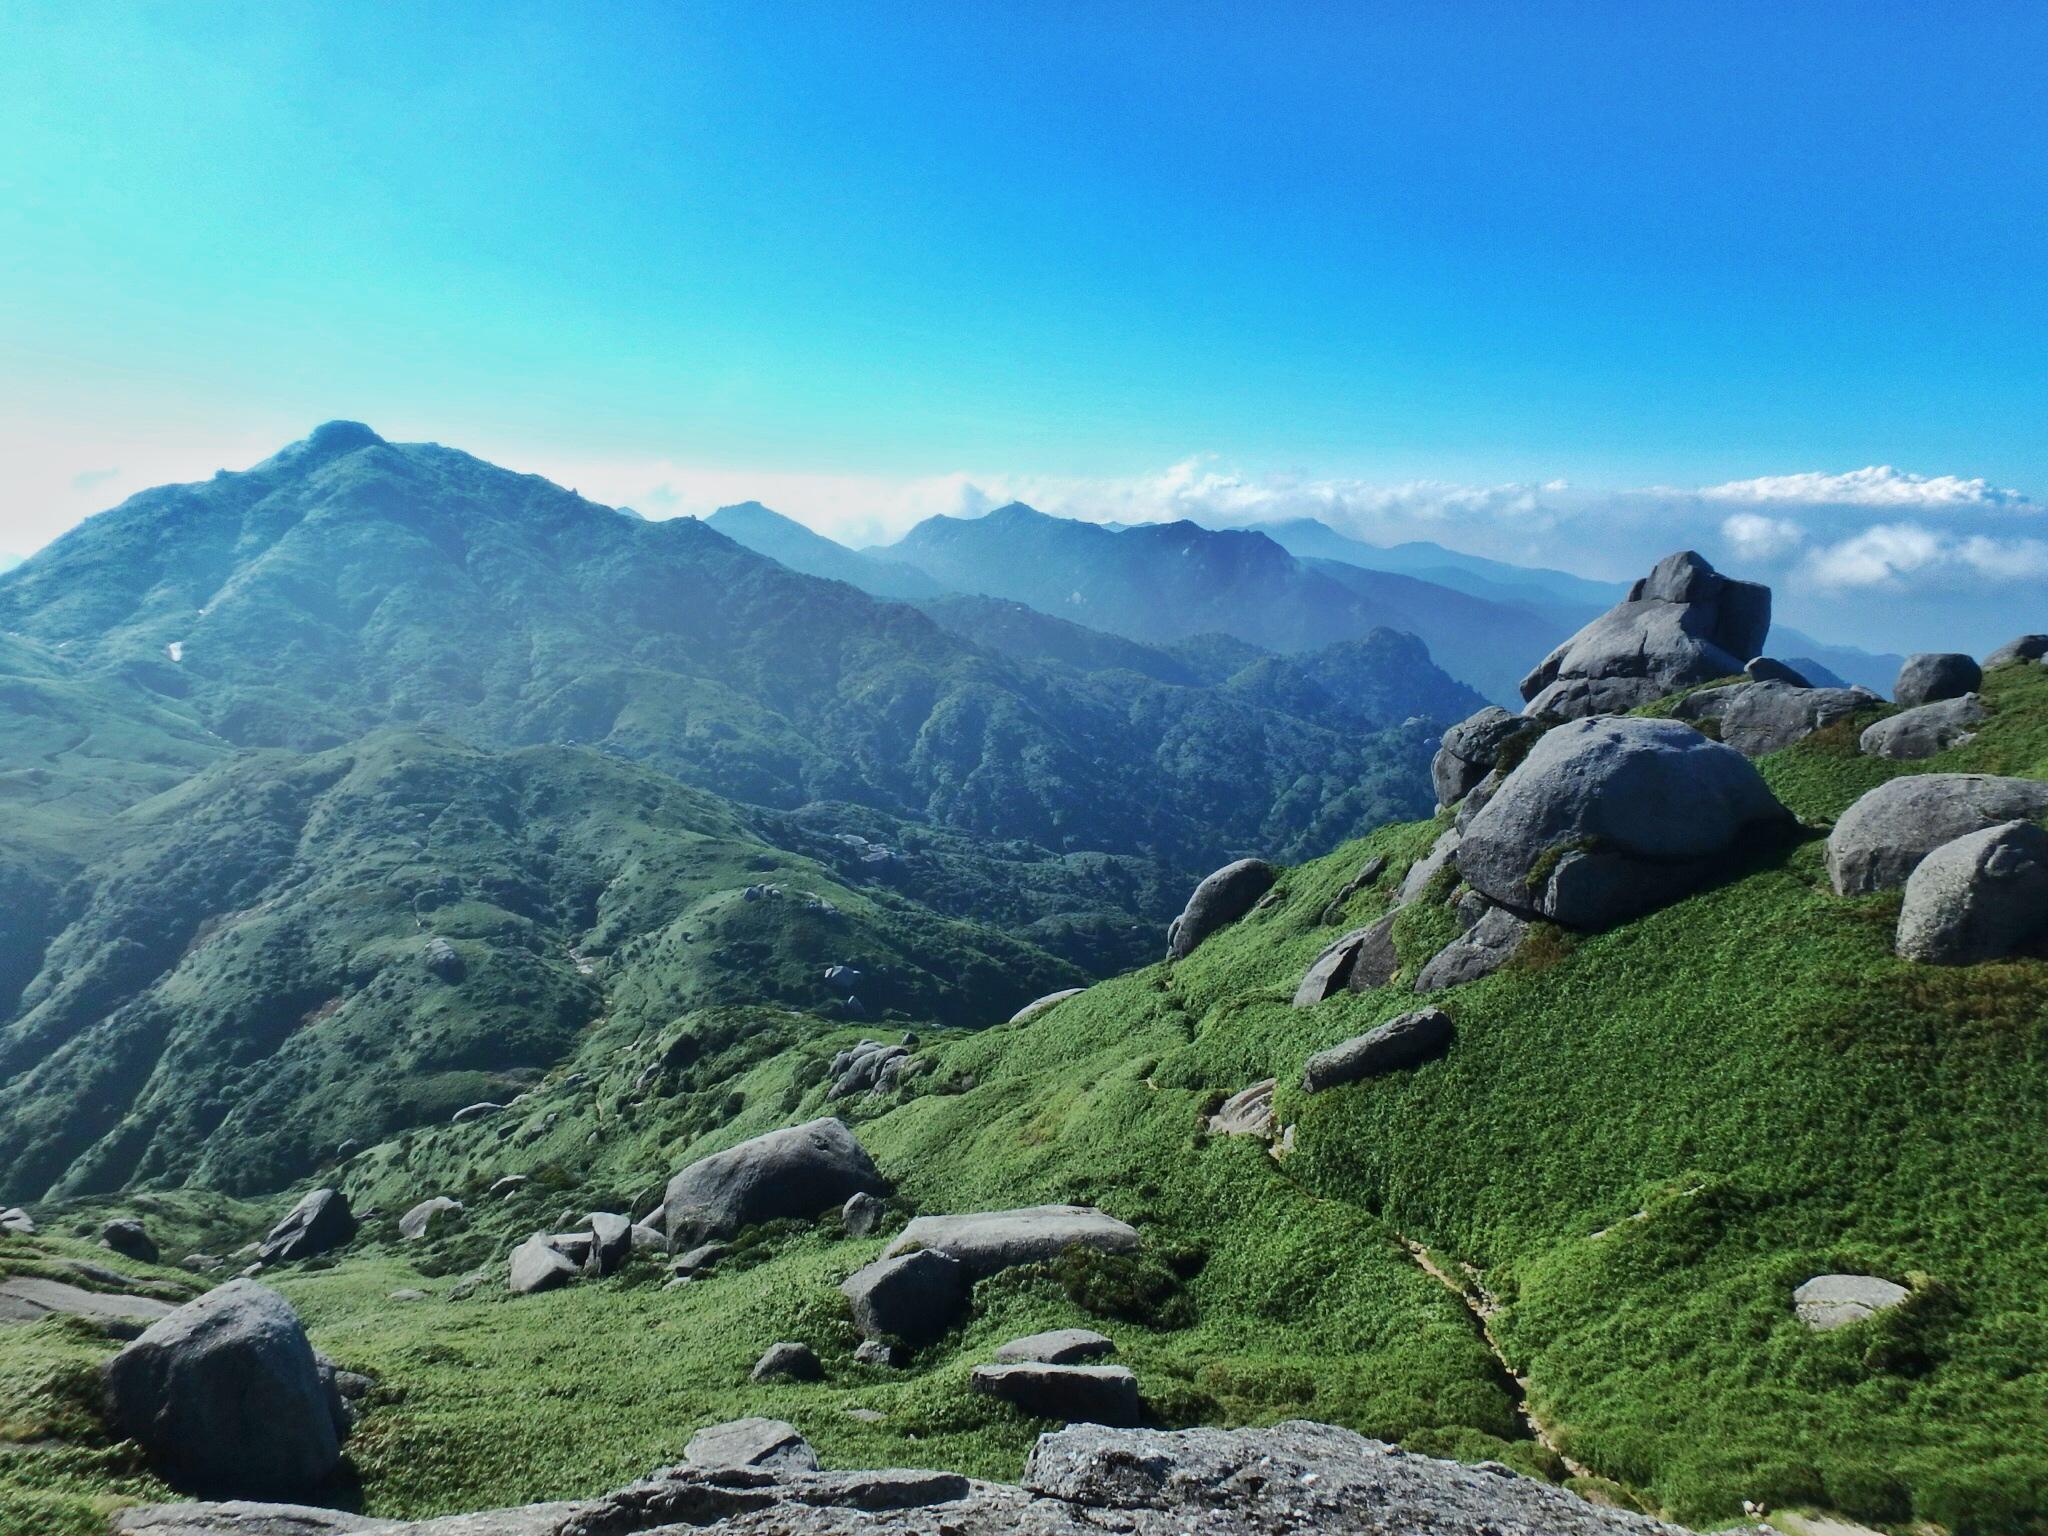 2015年に登った山、屋久島永田岳から眺めた宮之浦岳の景色は一生忘れない